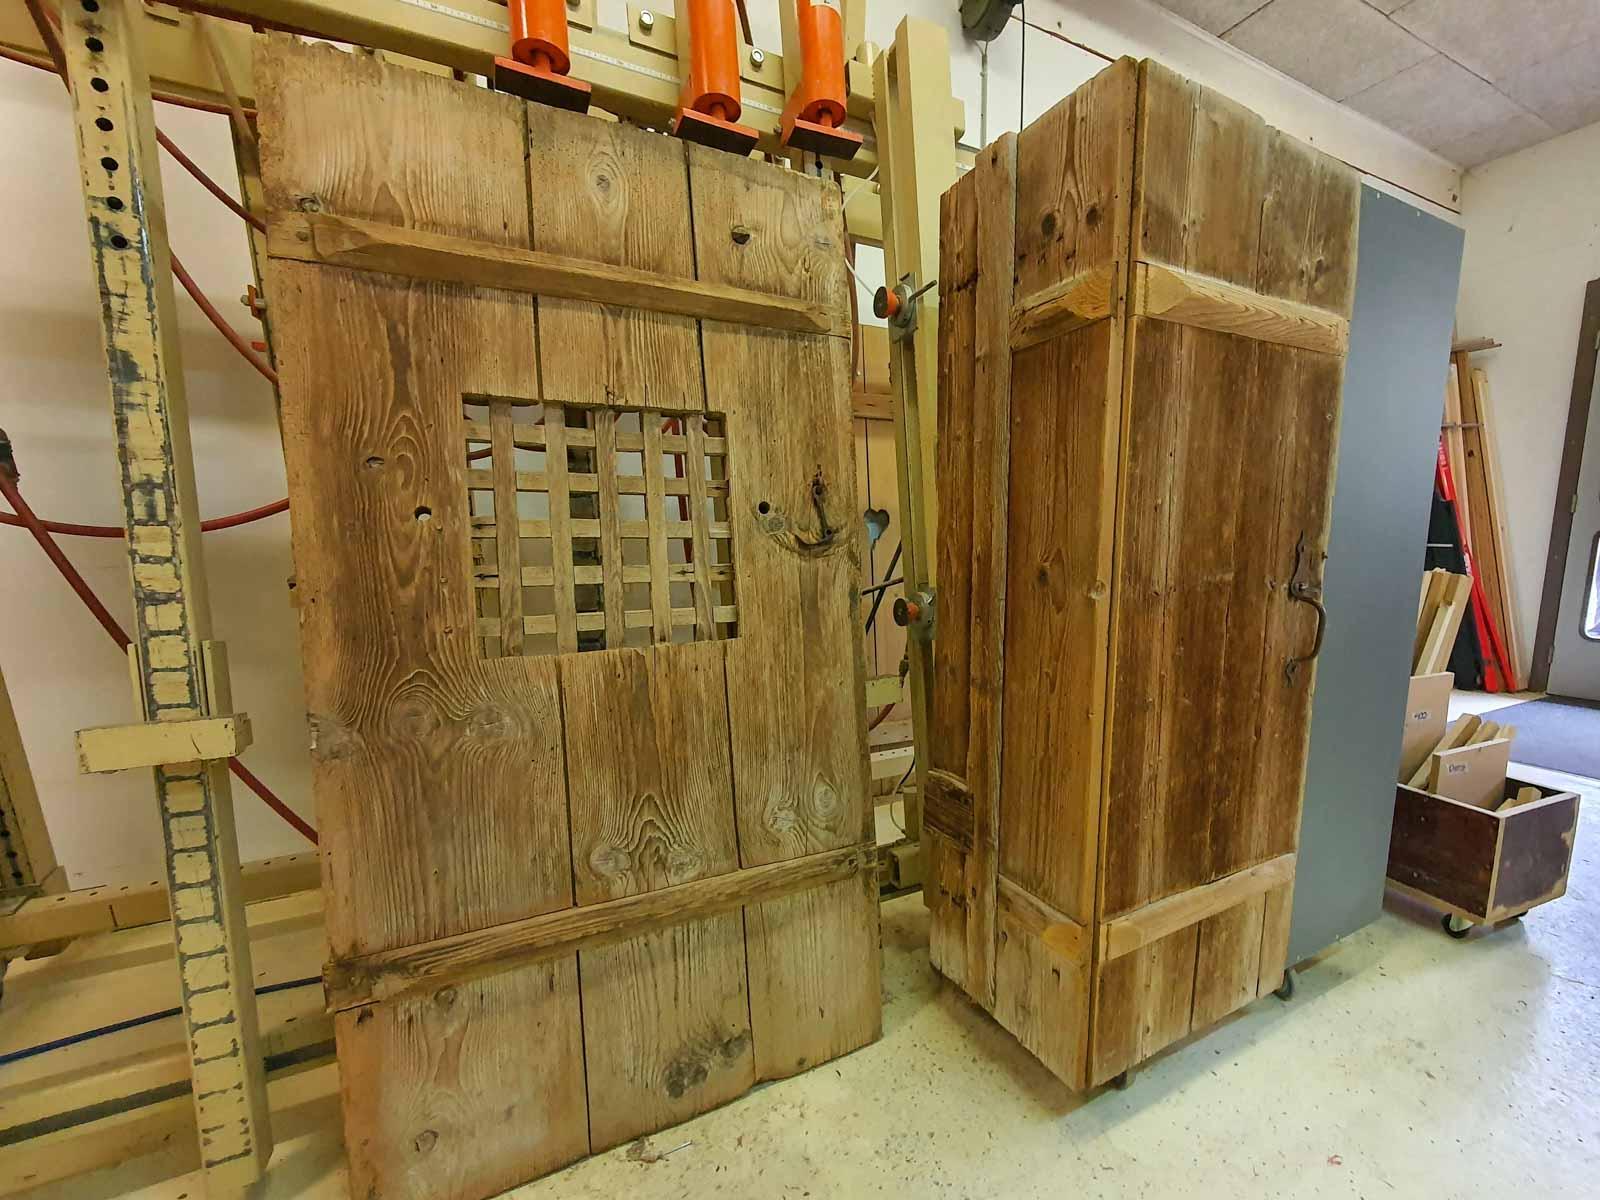 Wooddesign_Garderobe_Altholz_anthrazit_offene Garderobe_Edelstahl_modern_rustukal (4)